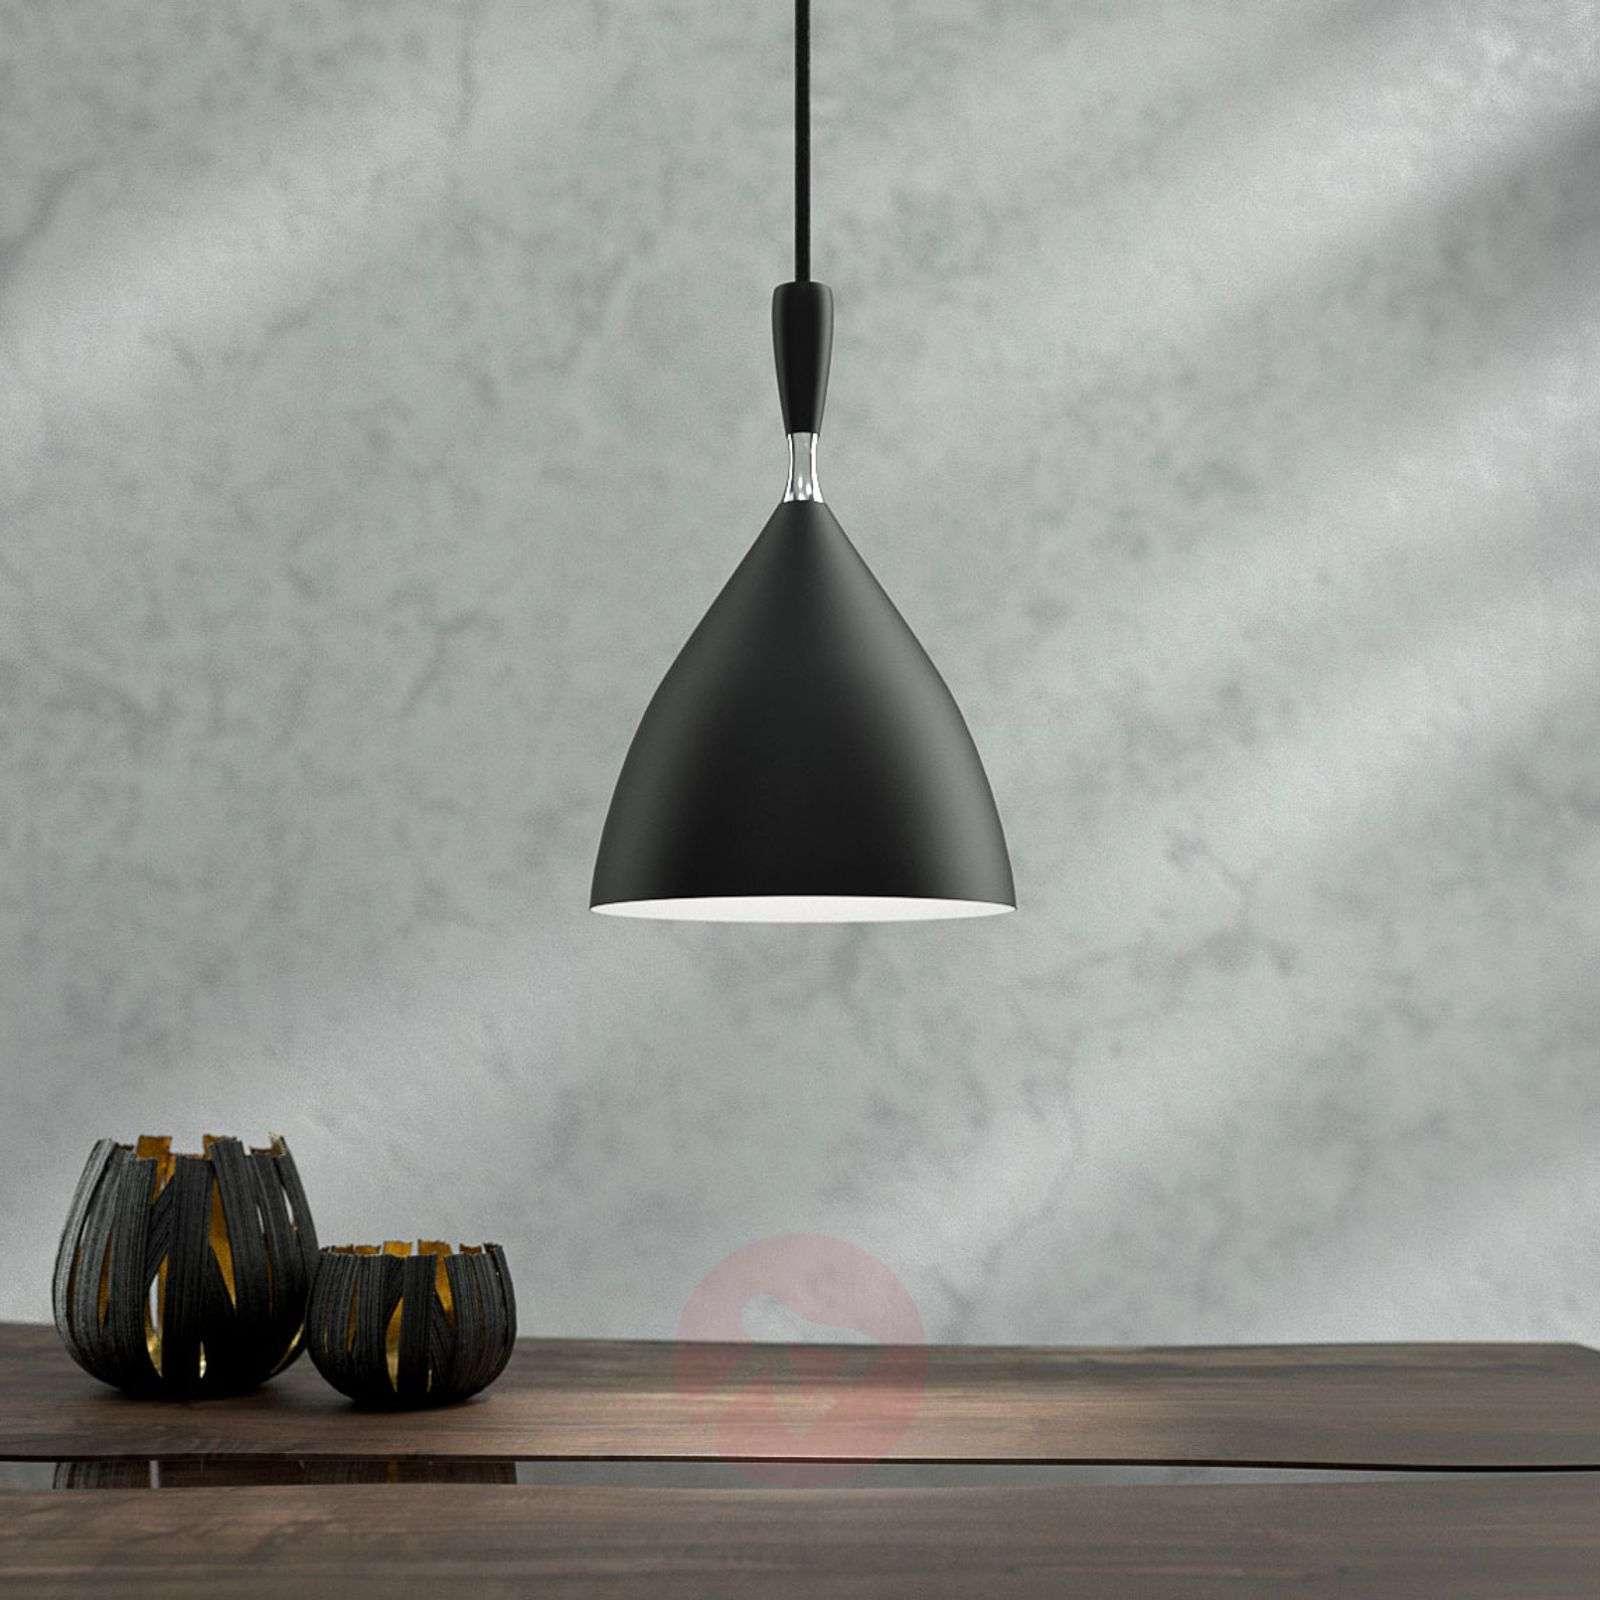 Musta design-riippuvalaisin Dokka-7013090-01